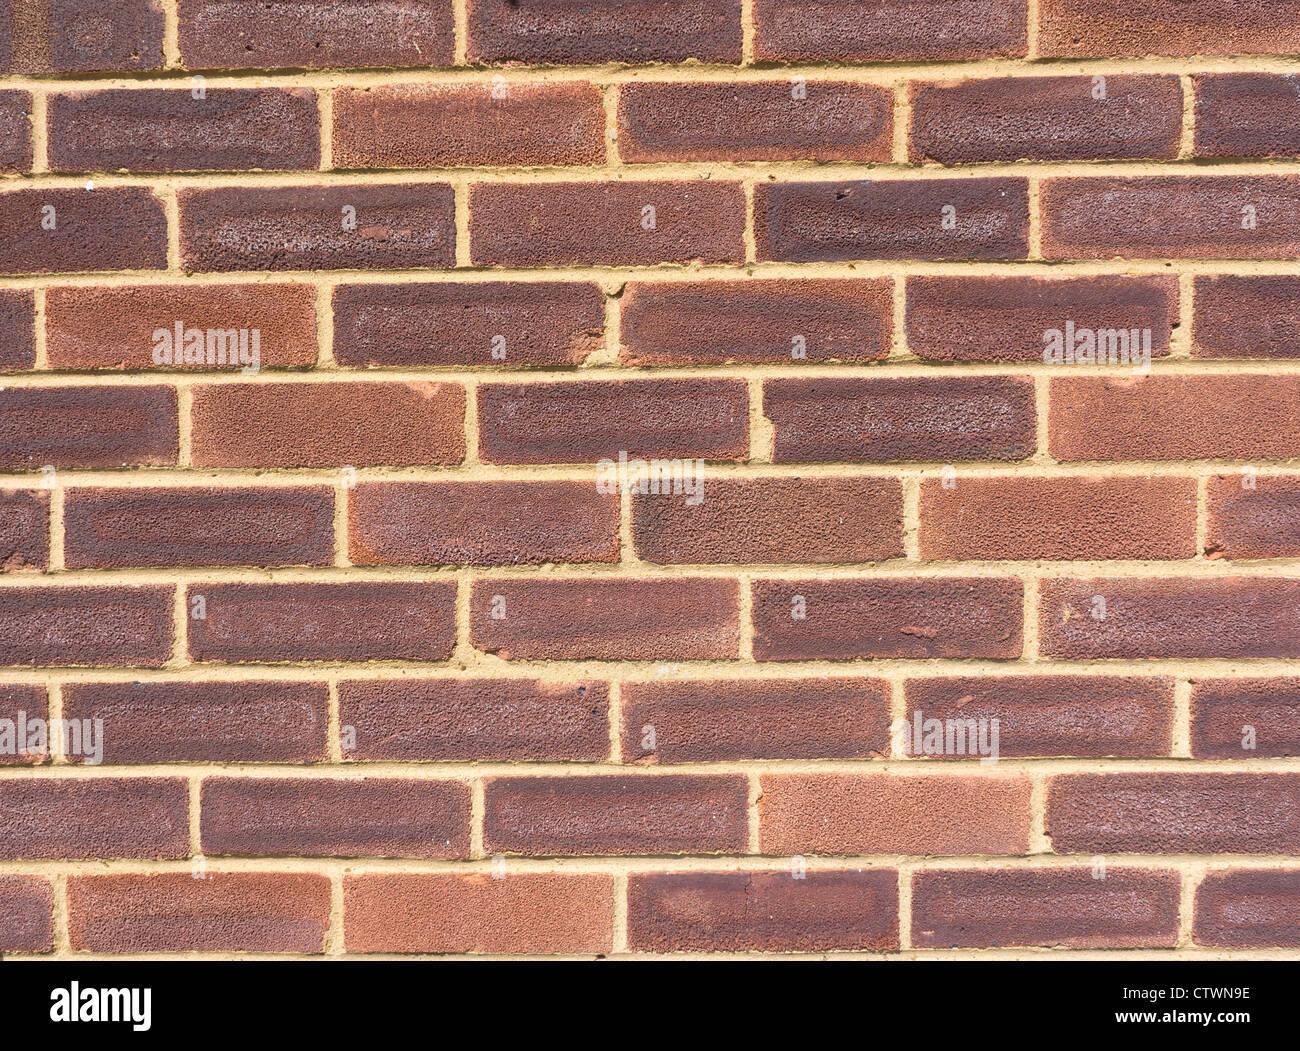 Chiudere su una sezione di un muro di mattoni facciata Immagini Stock